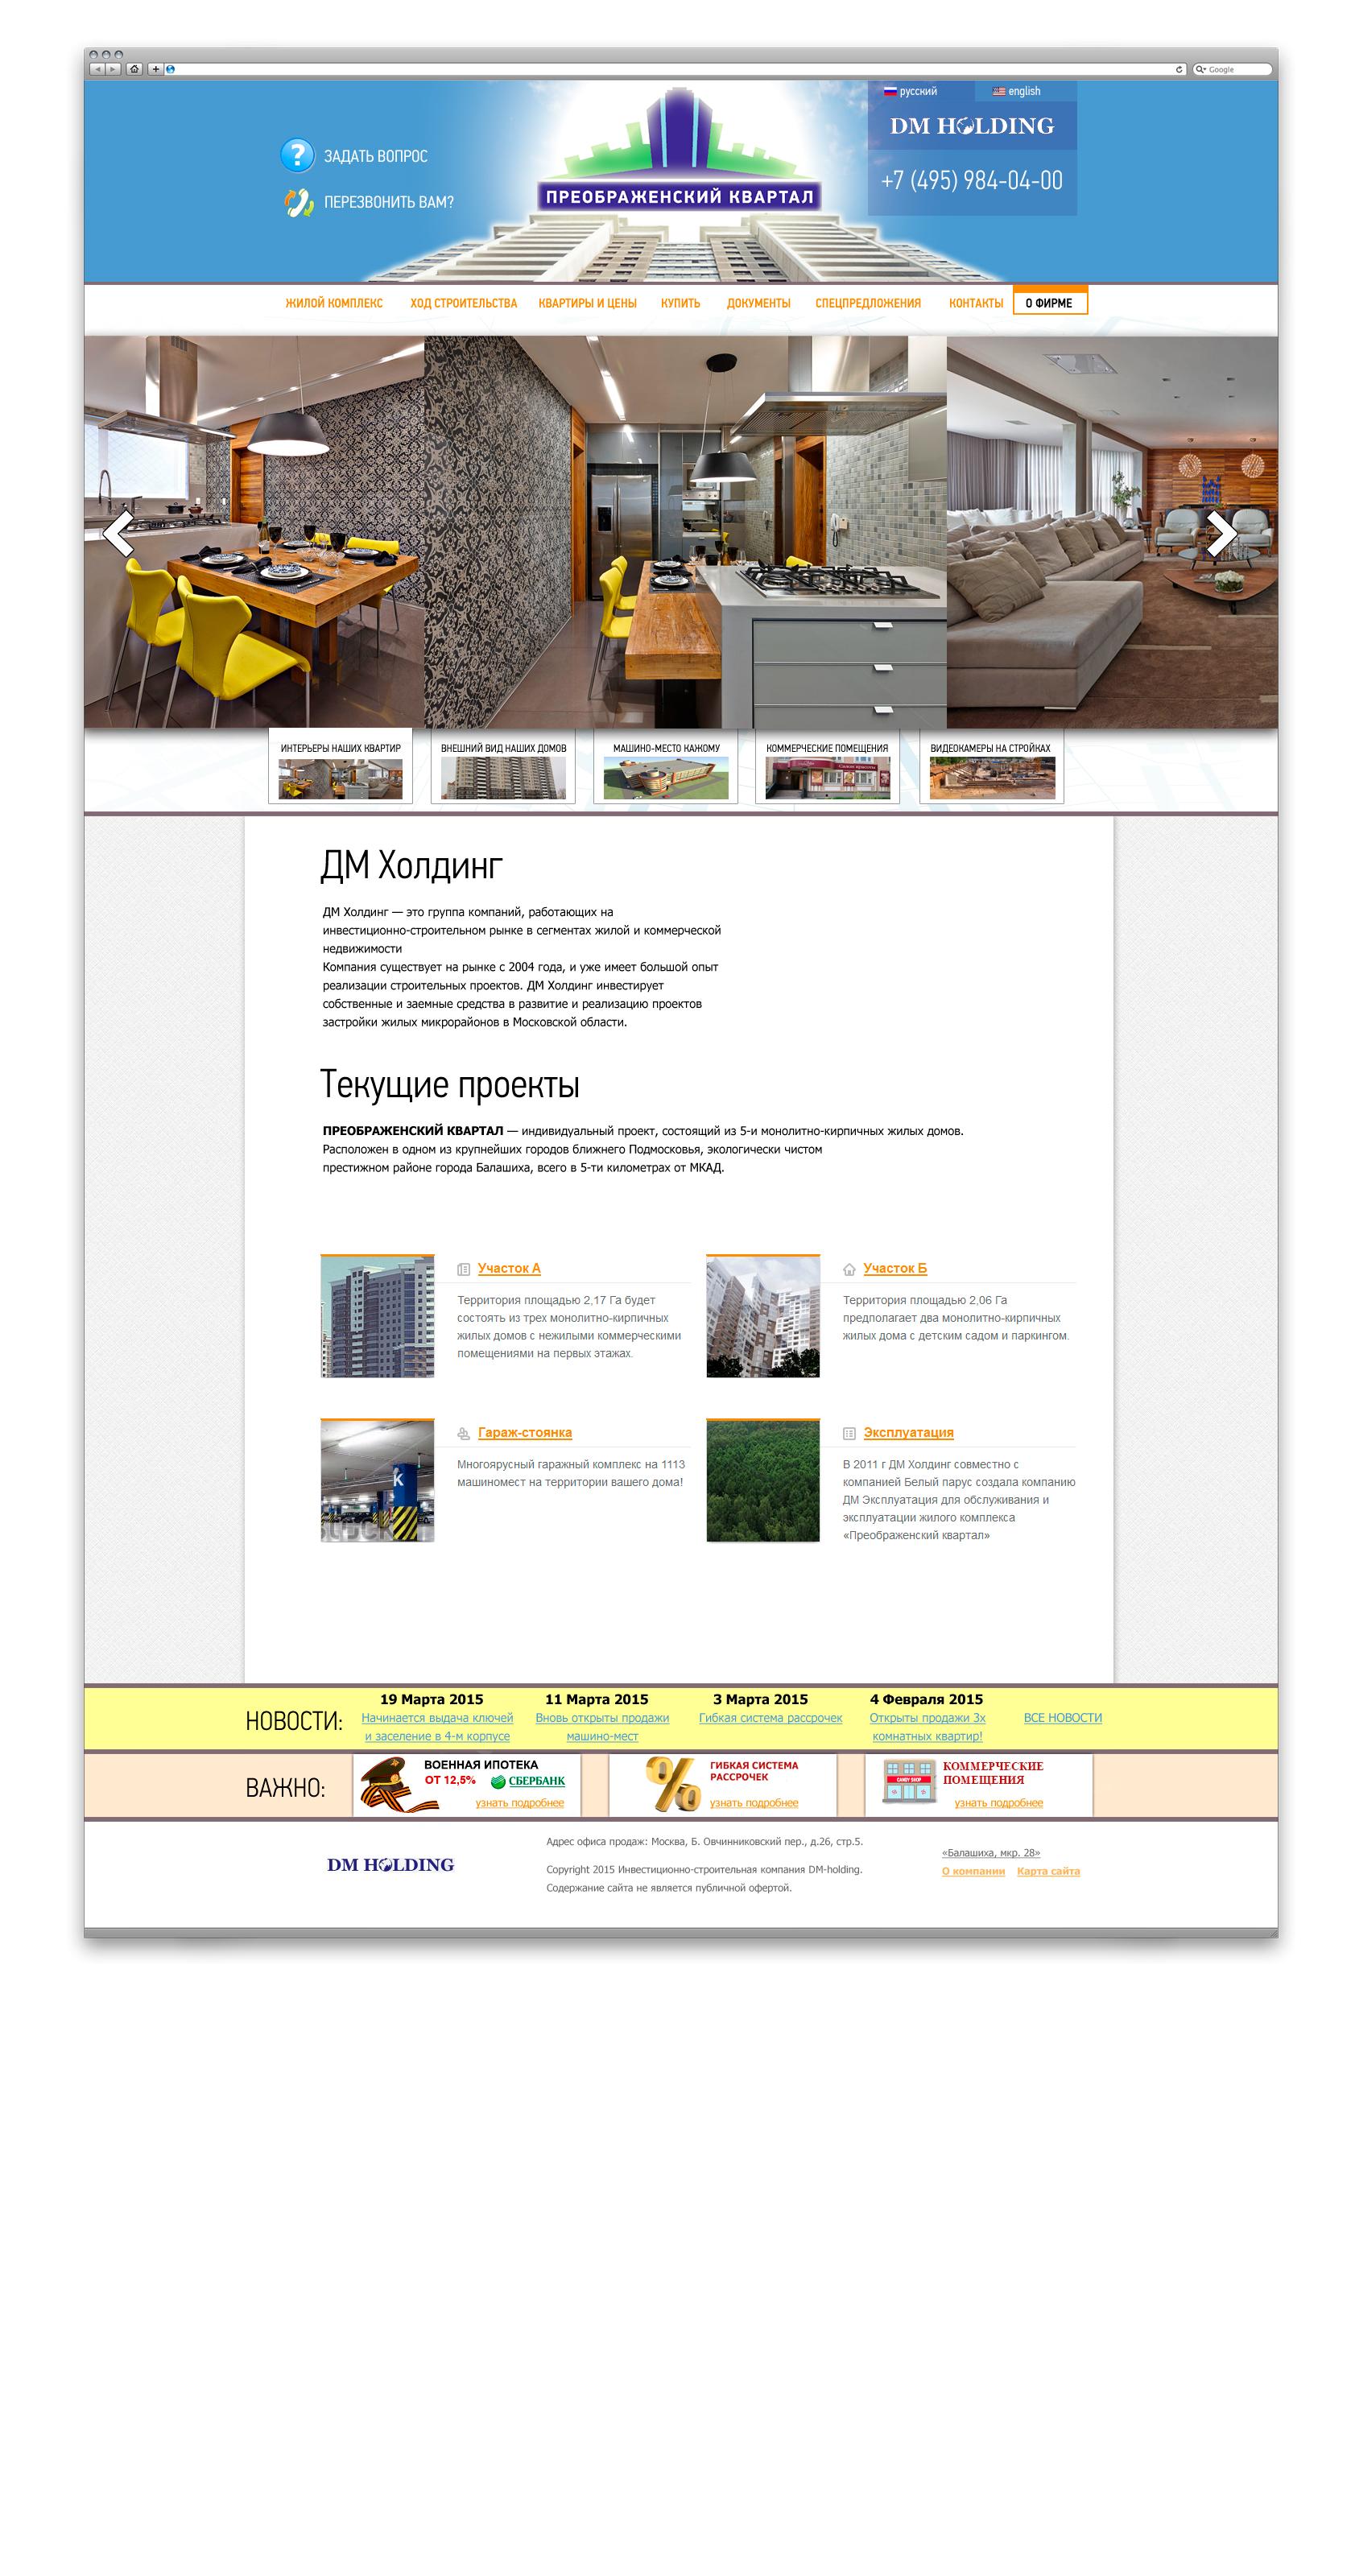 Редизайн сайта компании застройщика фото f_617551827d91475d.jpg